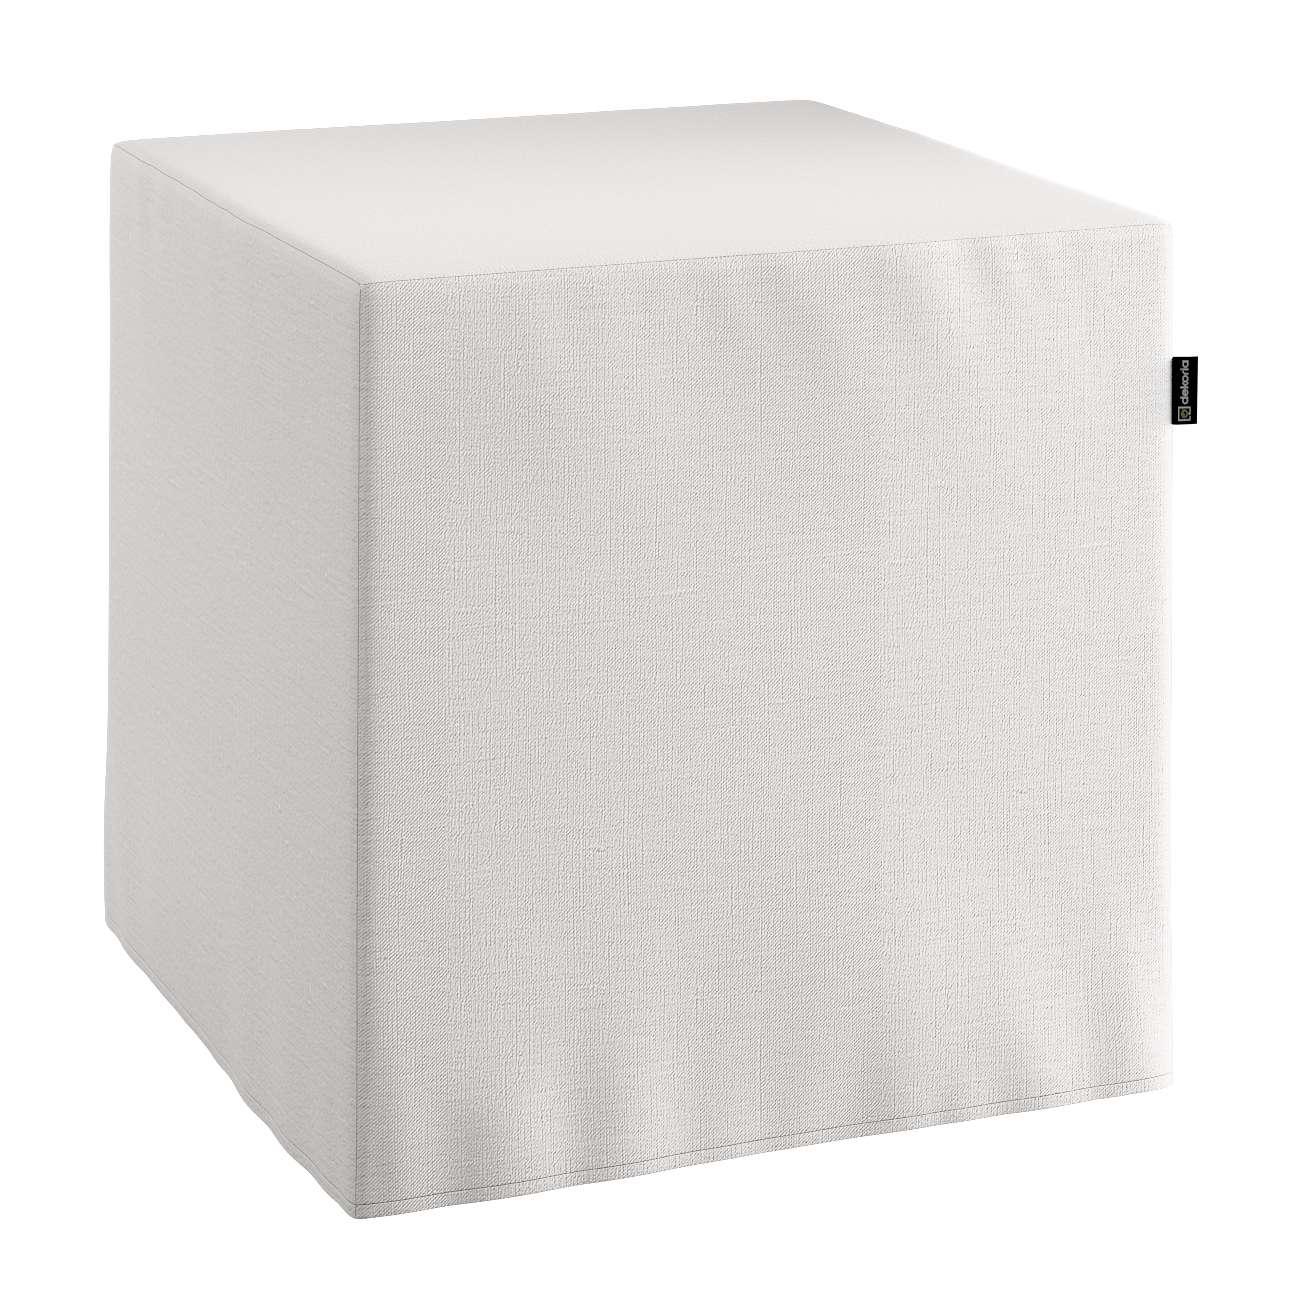 Pufa kostka twarda 40x40x40 cm w kolekcji Linen, tkanina: 392-04